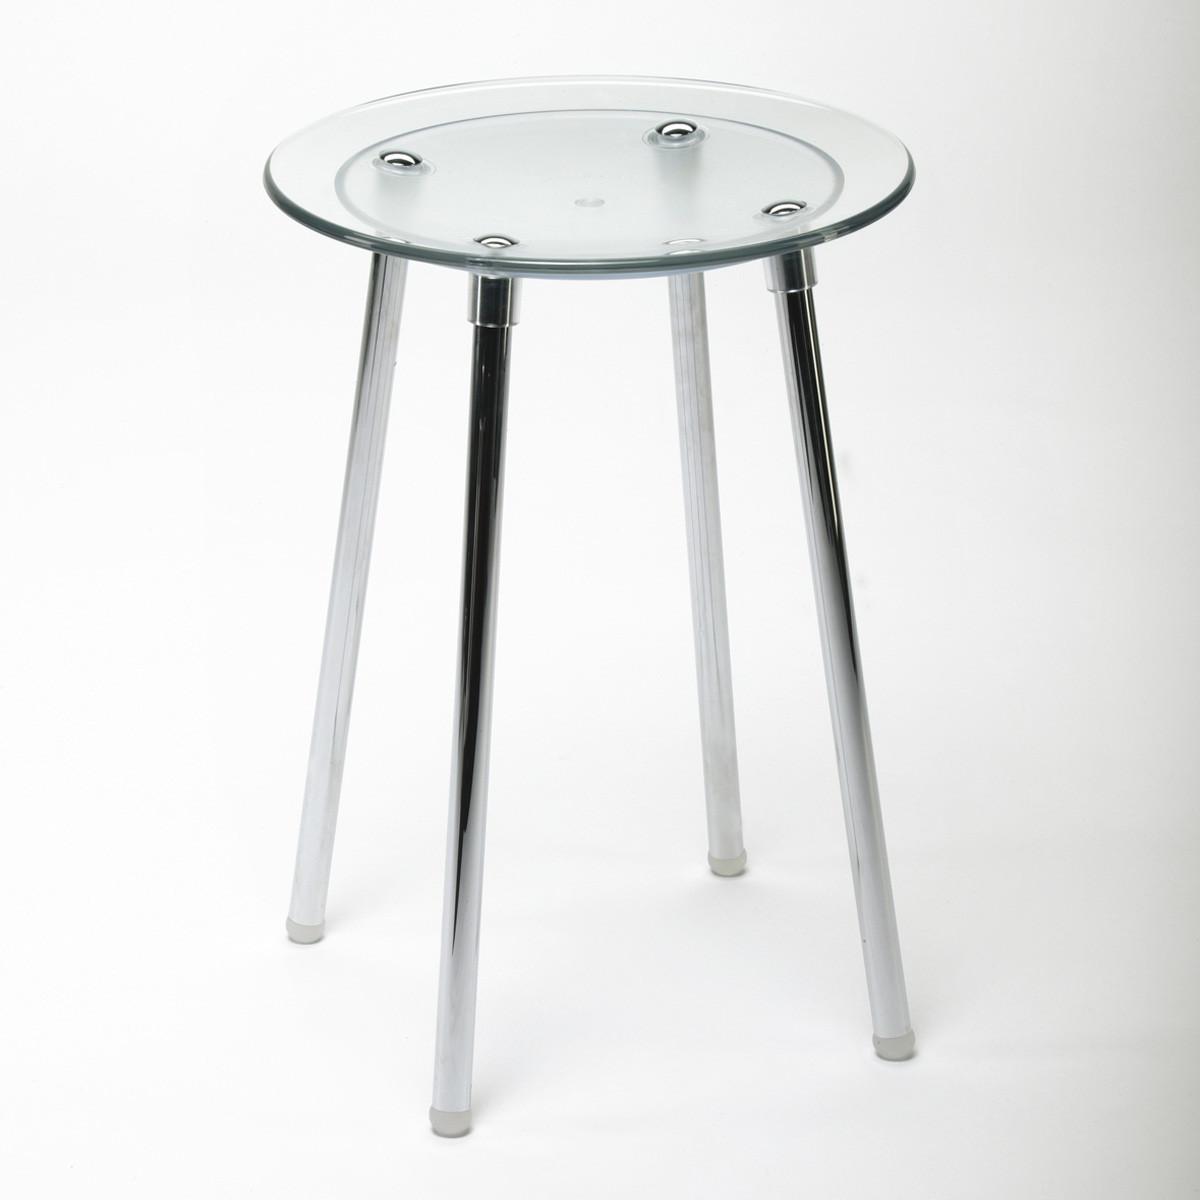 tabouret de douche noni transparent anjou connectique. Black Bedroom Furniture Sets. Home Design Ideas